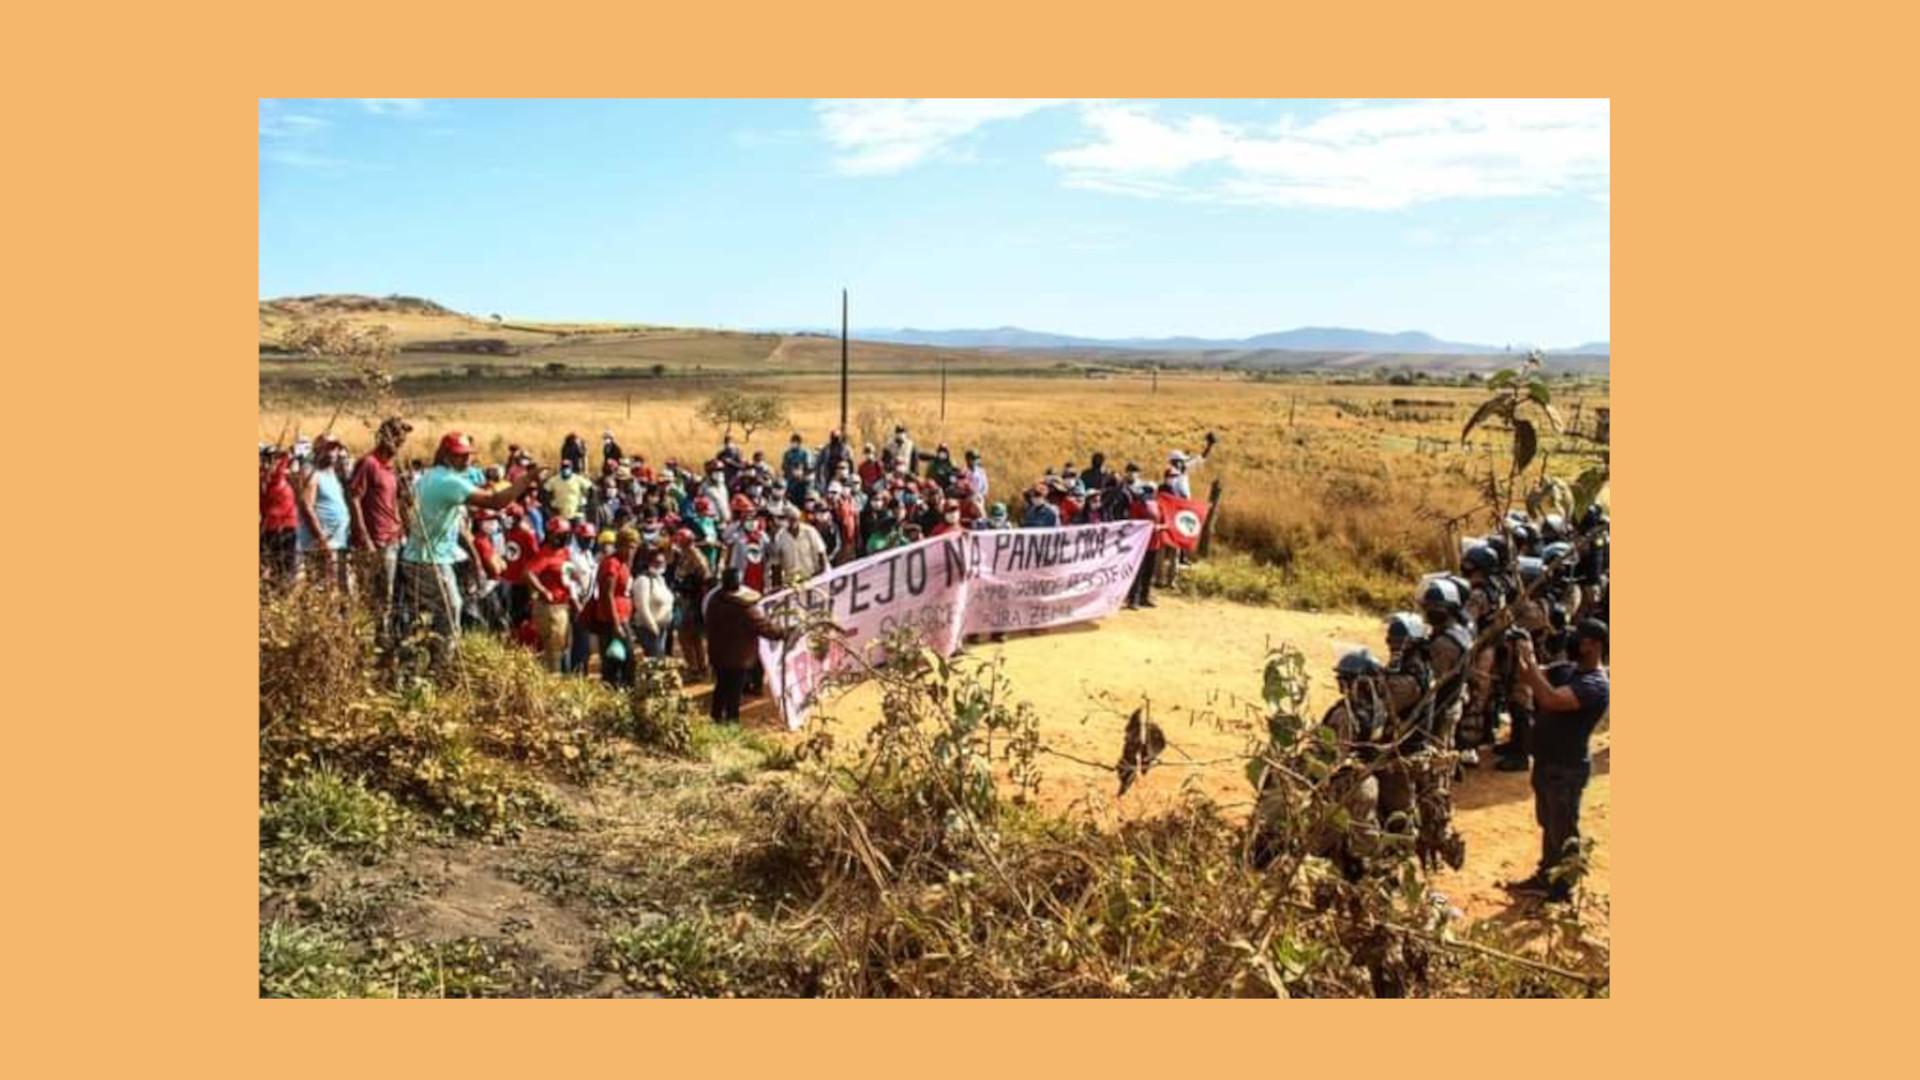 Despejo de famílias sem-terra em MG é denunciado para relator especial da ONU